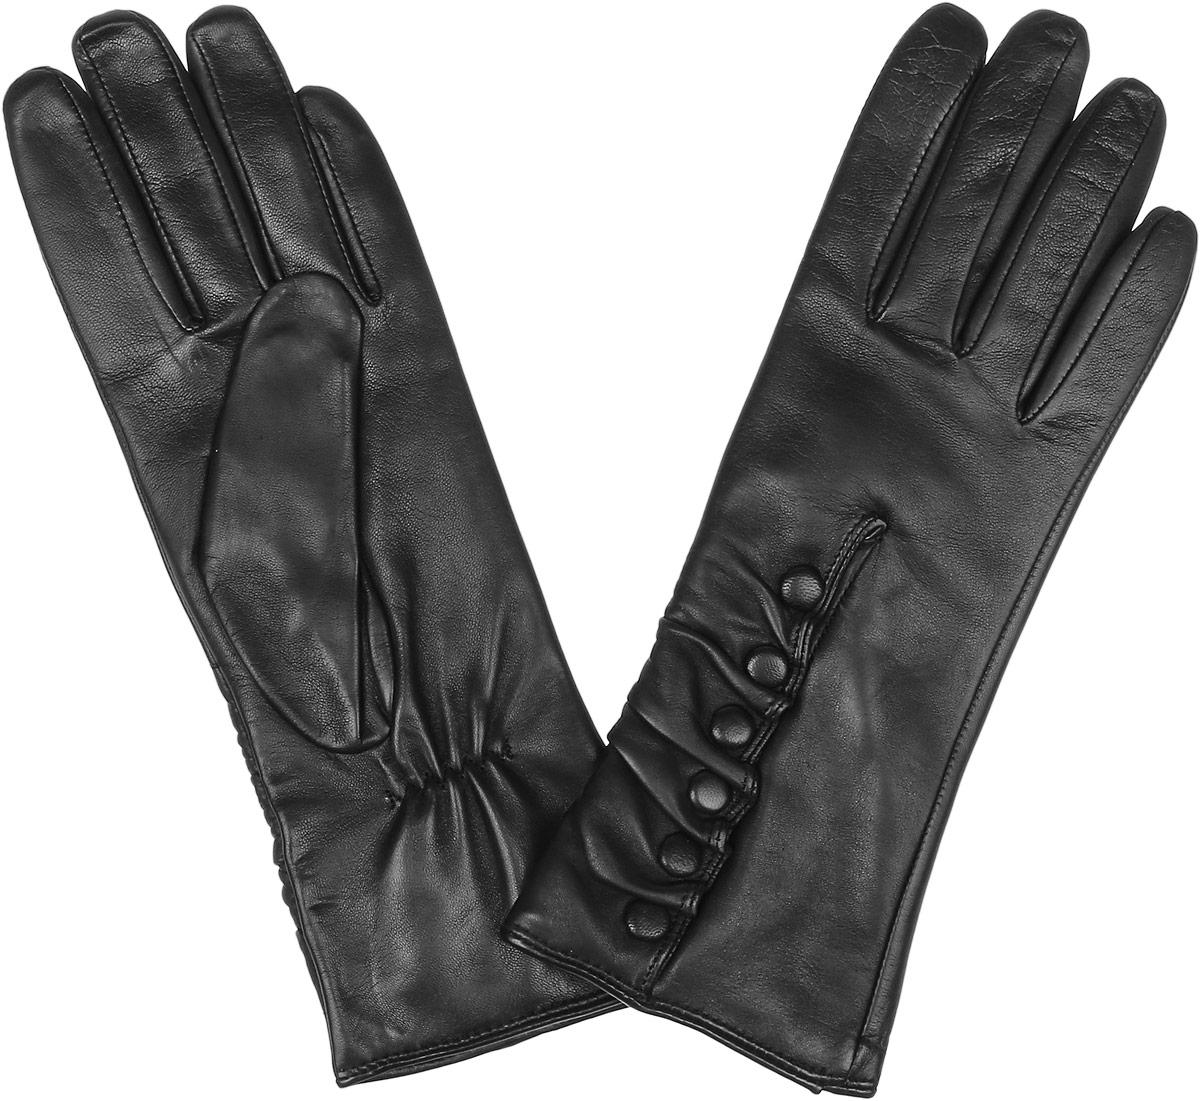 Перчатки2.24-1 blackЭлегантные женские перчатки Fabretti станут великолепным дополнением вашего образа и защитят ваши руки от холода и ветра во время прогулок. Перчатки выполнены из натуральной кожи ягненка, подкладка - из шерсти и кашемира. Модель декорирована кожаной сборкой и пуговицами. Такие перчатки будут оригинальным завершающим штрихом в создании современного модного образа, они подчеркнут ваш изысканный вкус и станут незаменимым и практичным аксессуаром.